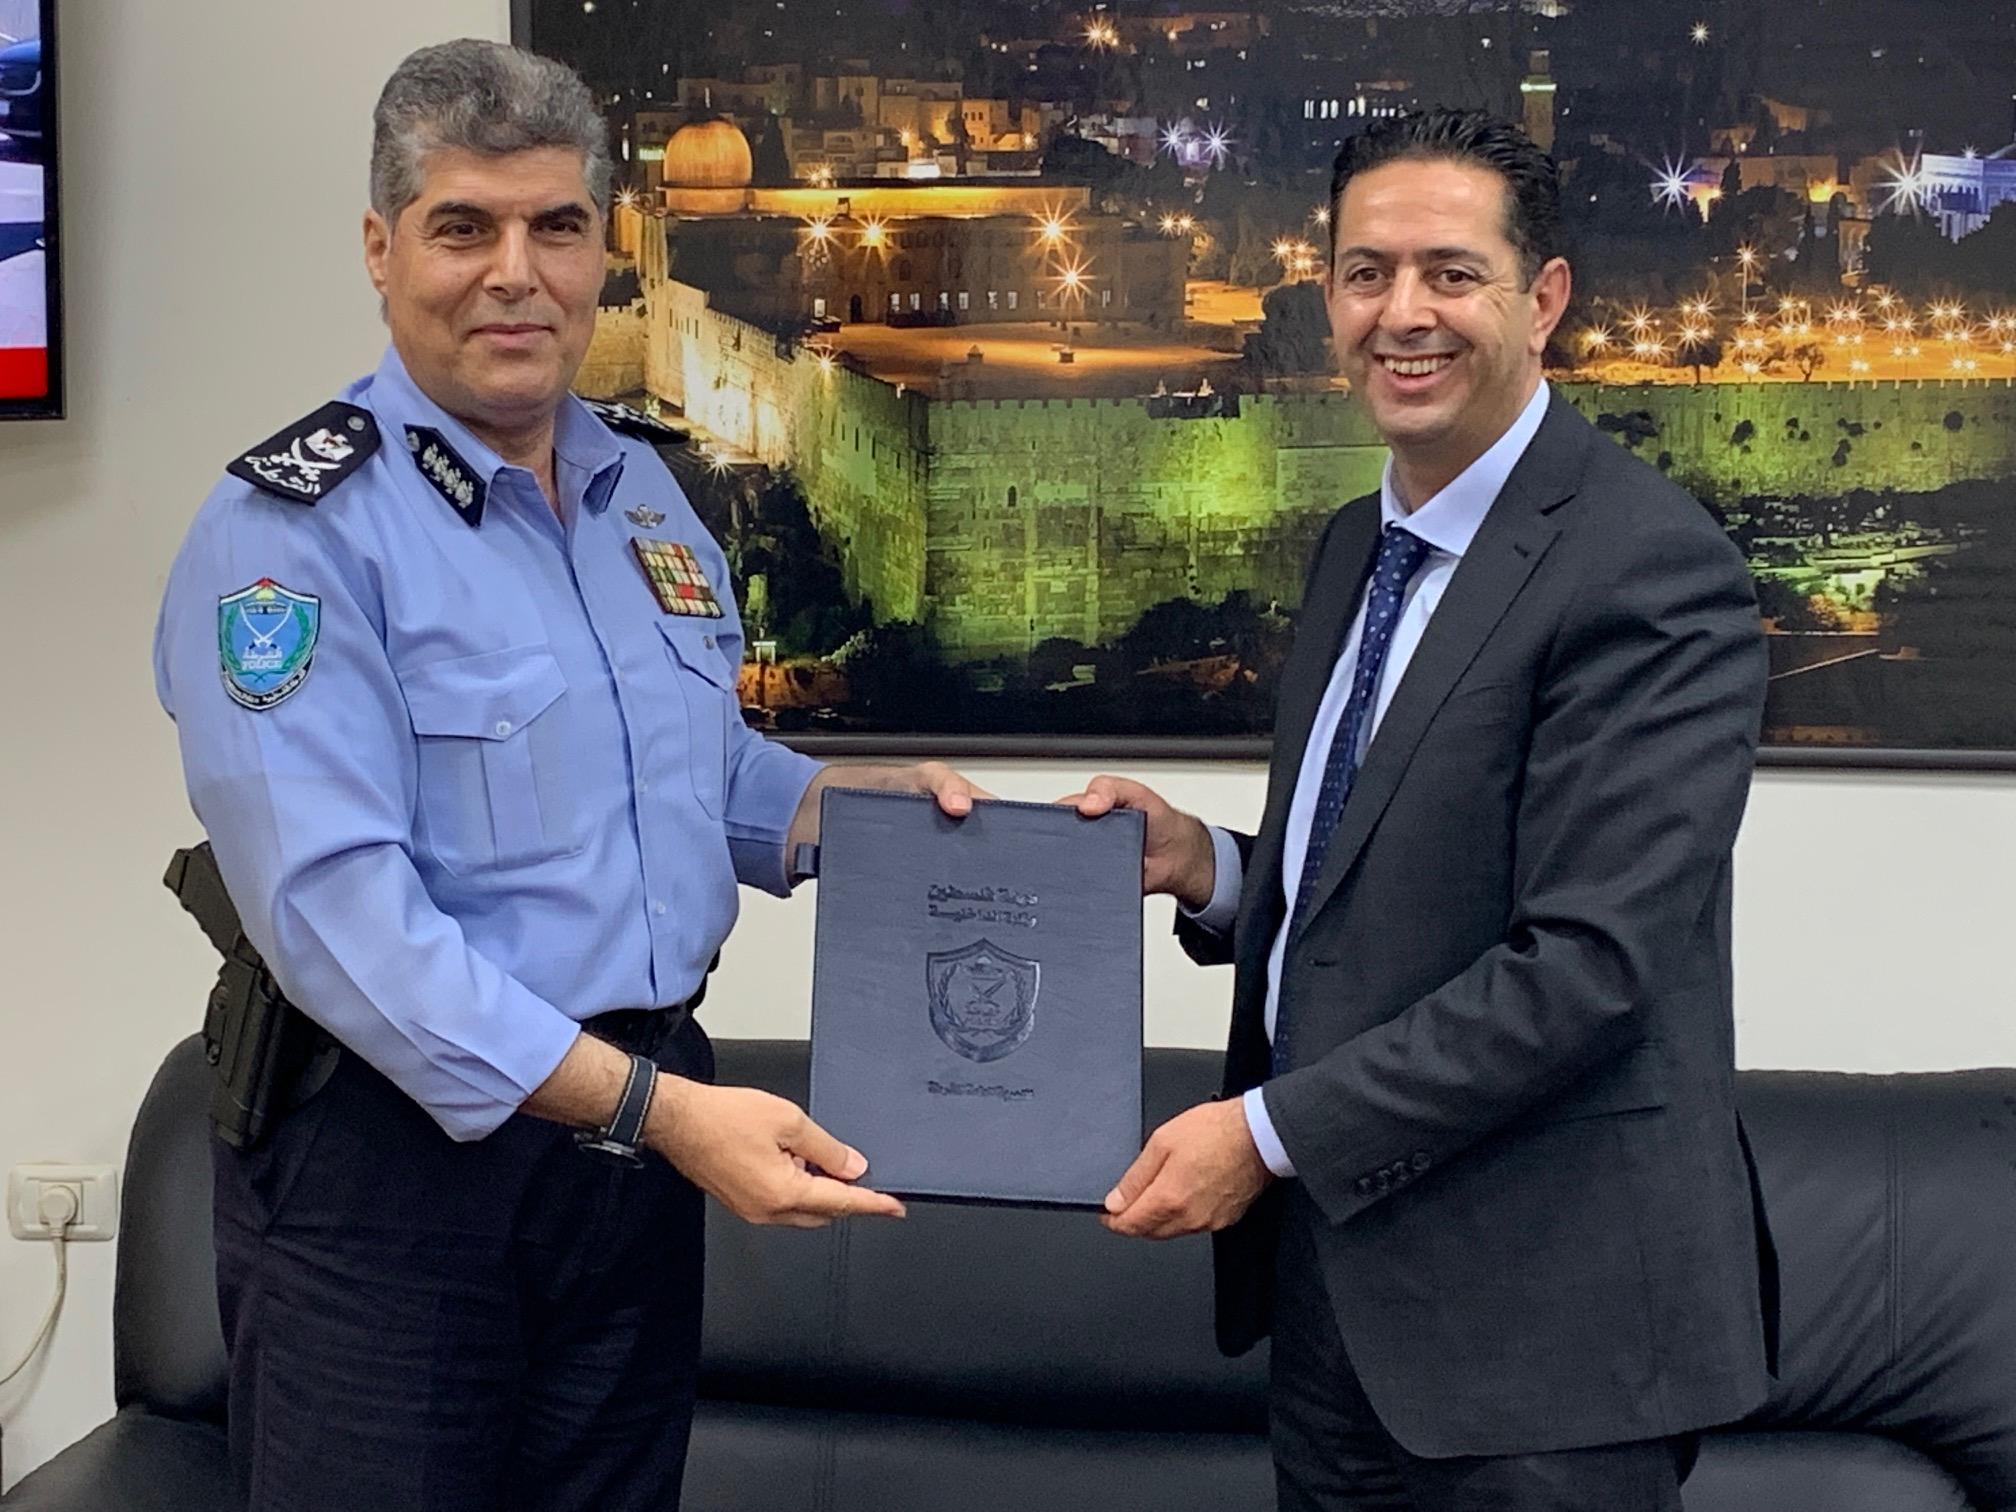 الشرطة وجامعة فلسطين الأهلية توقعان مذكرة تعاون وتفاهم